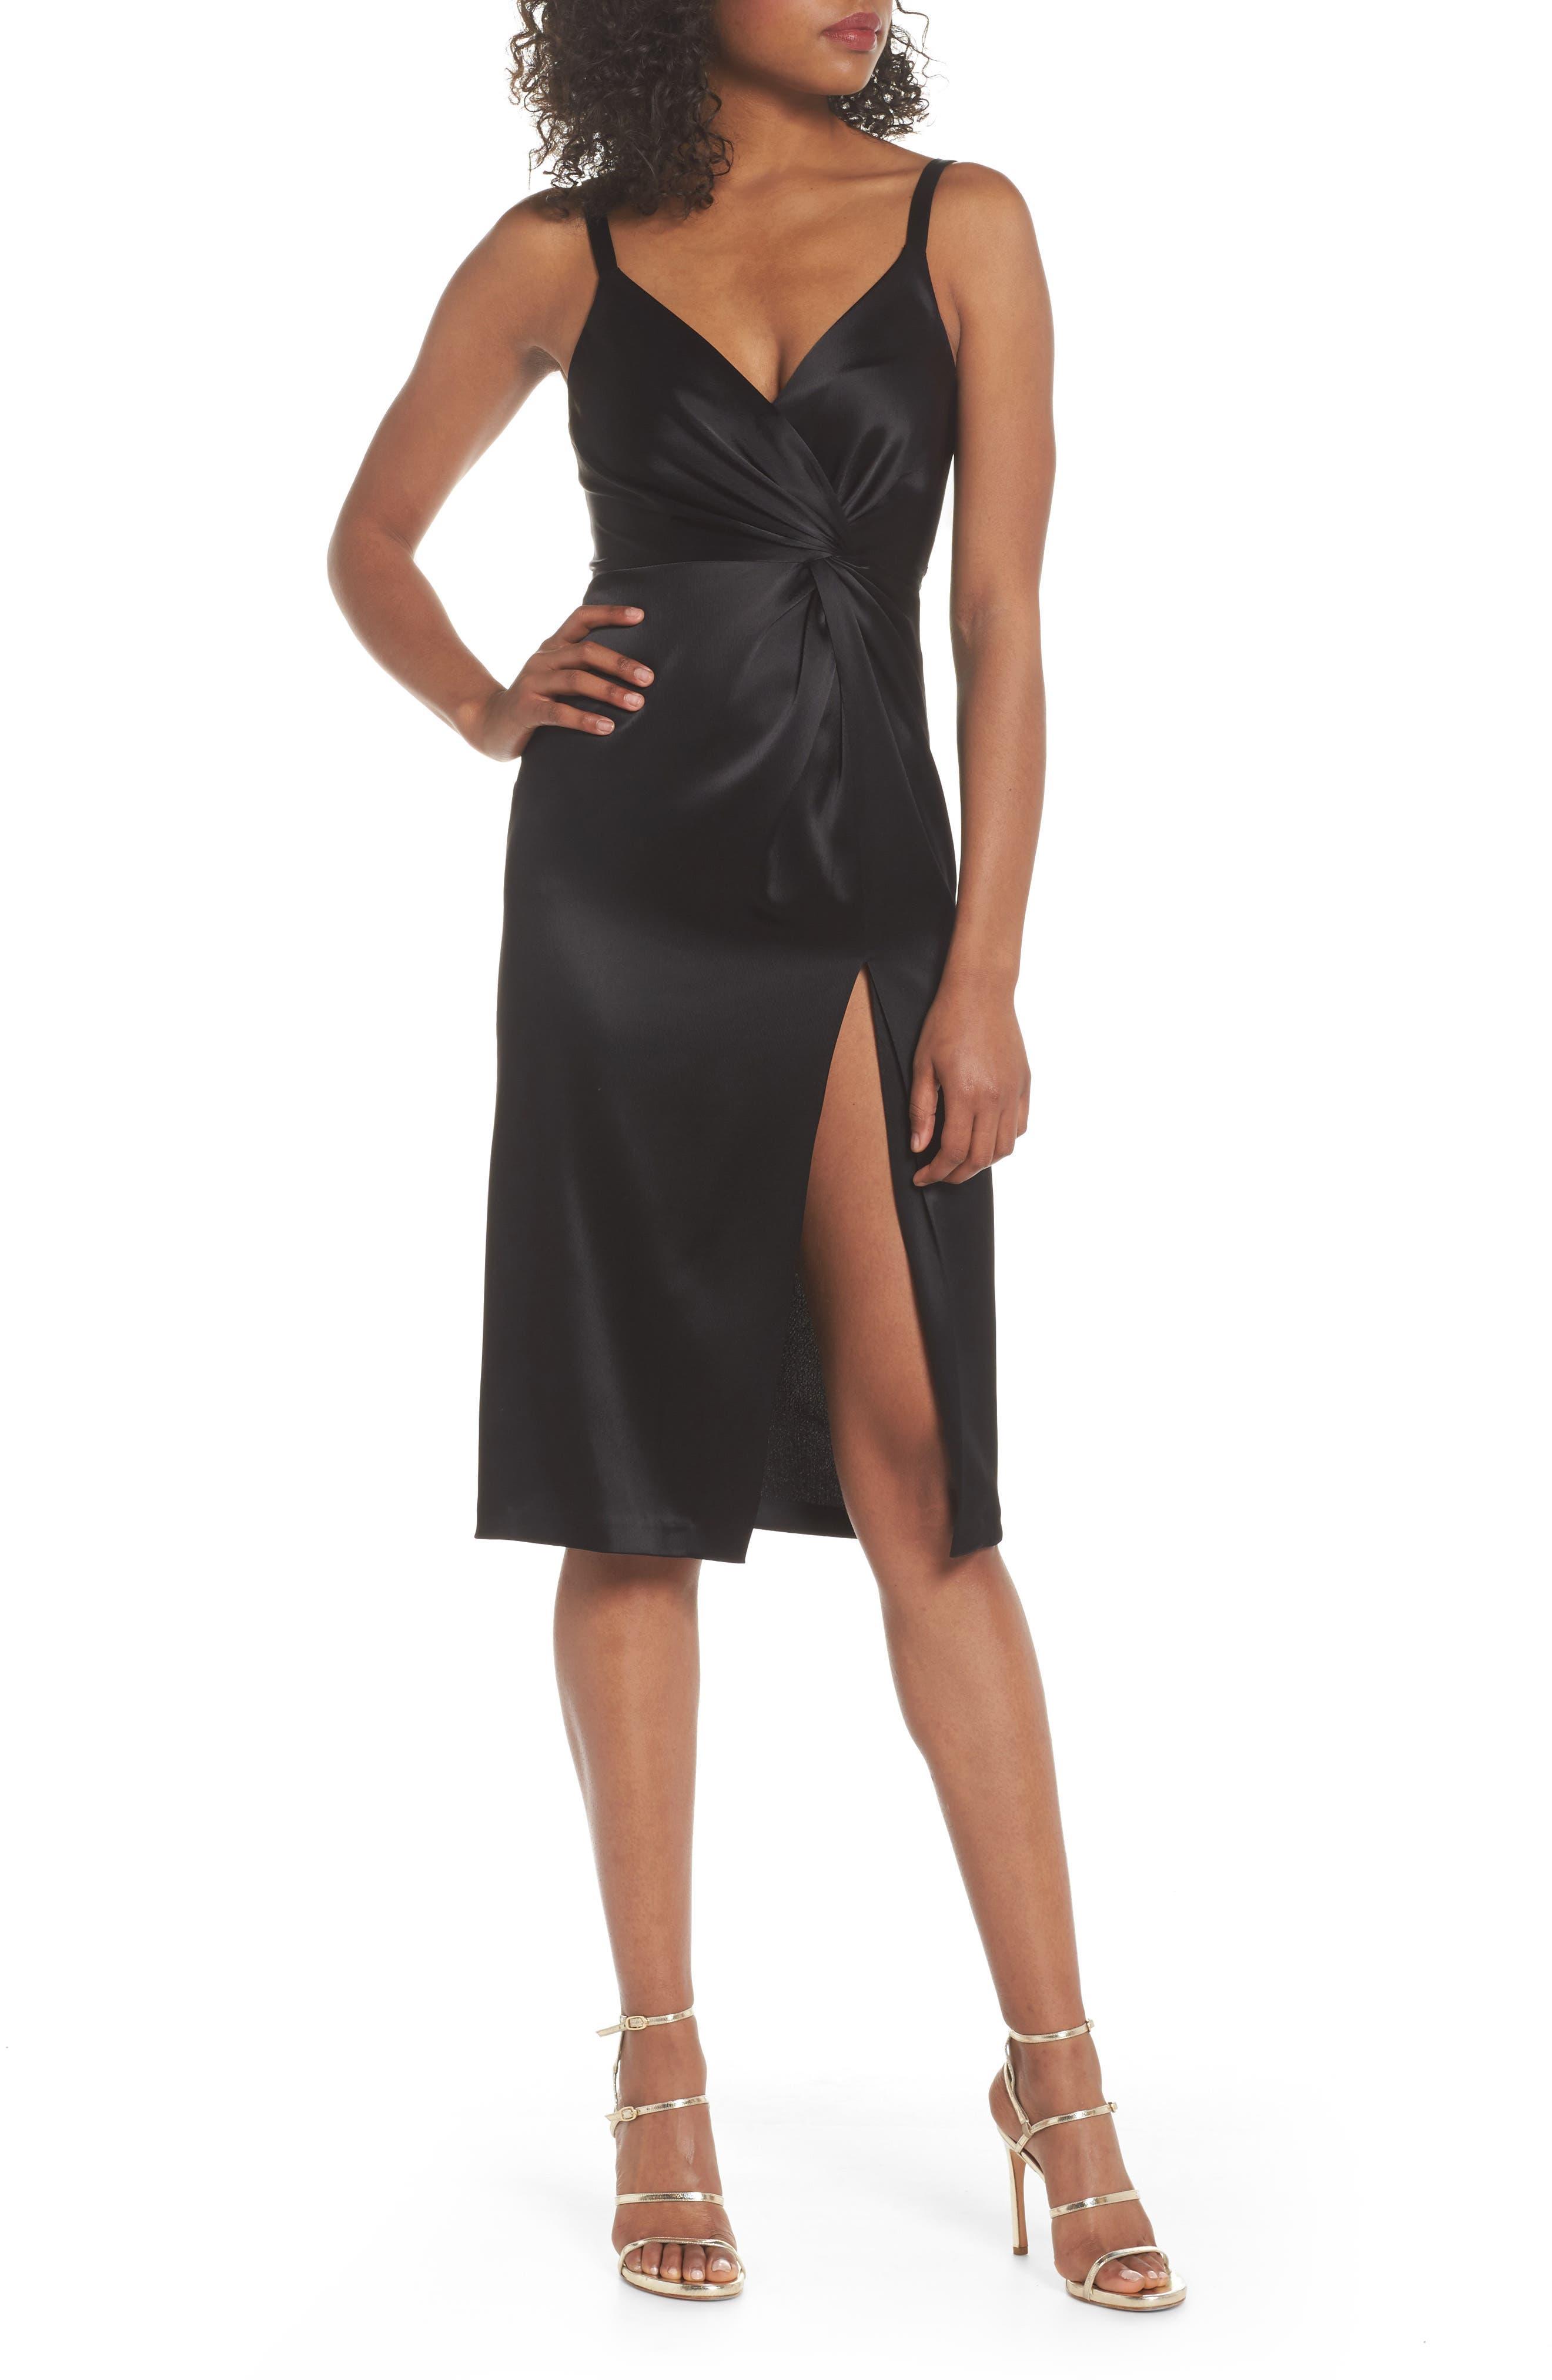 Jill Jill Stuart Satin Sheath Dress